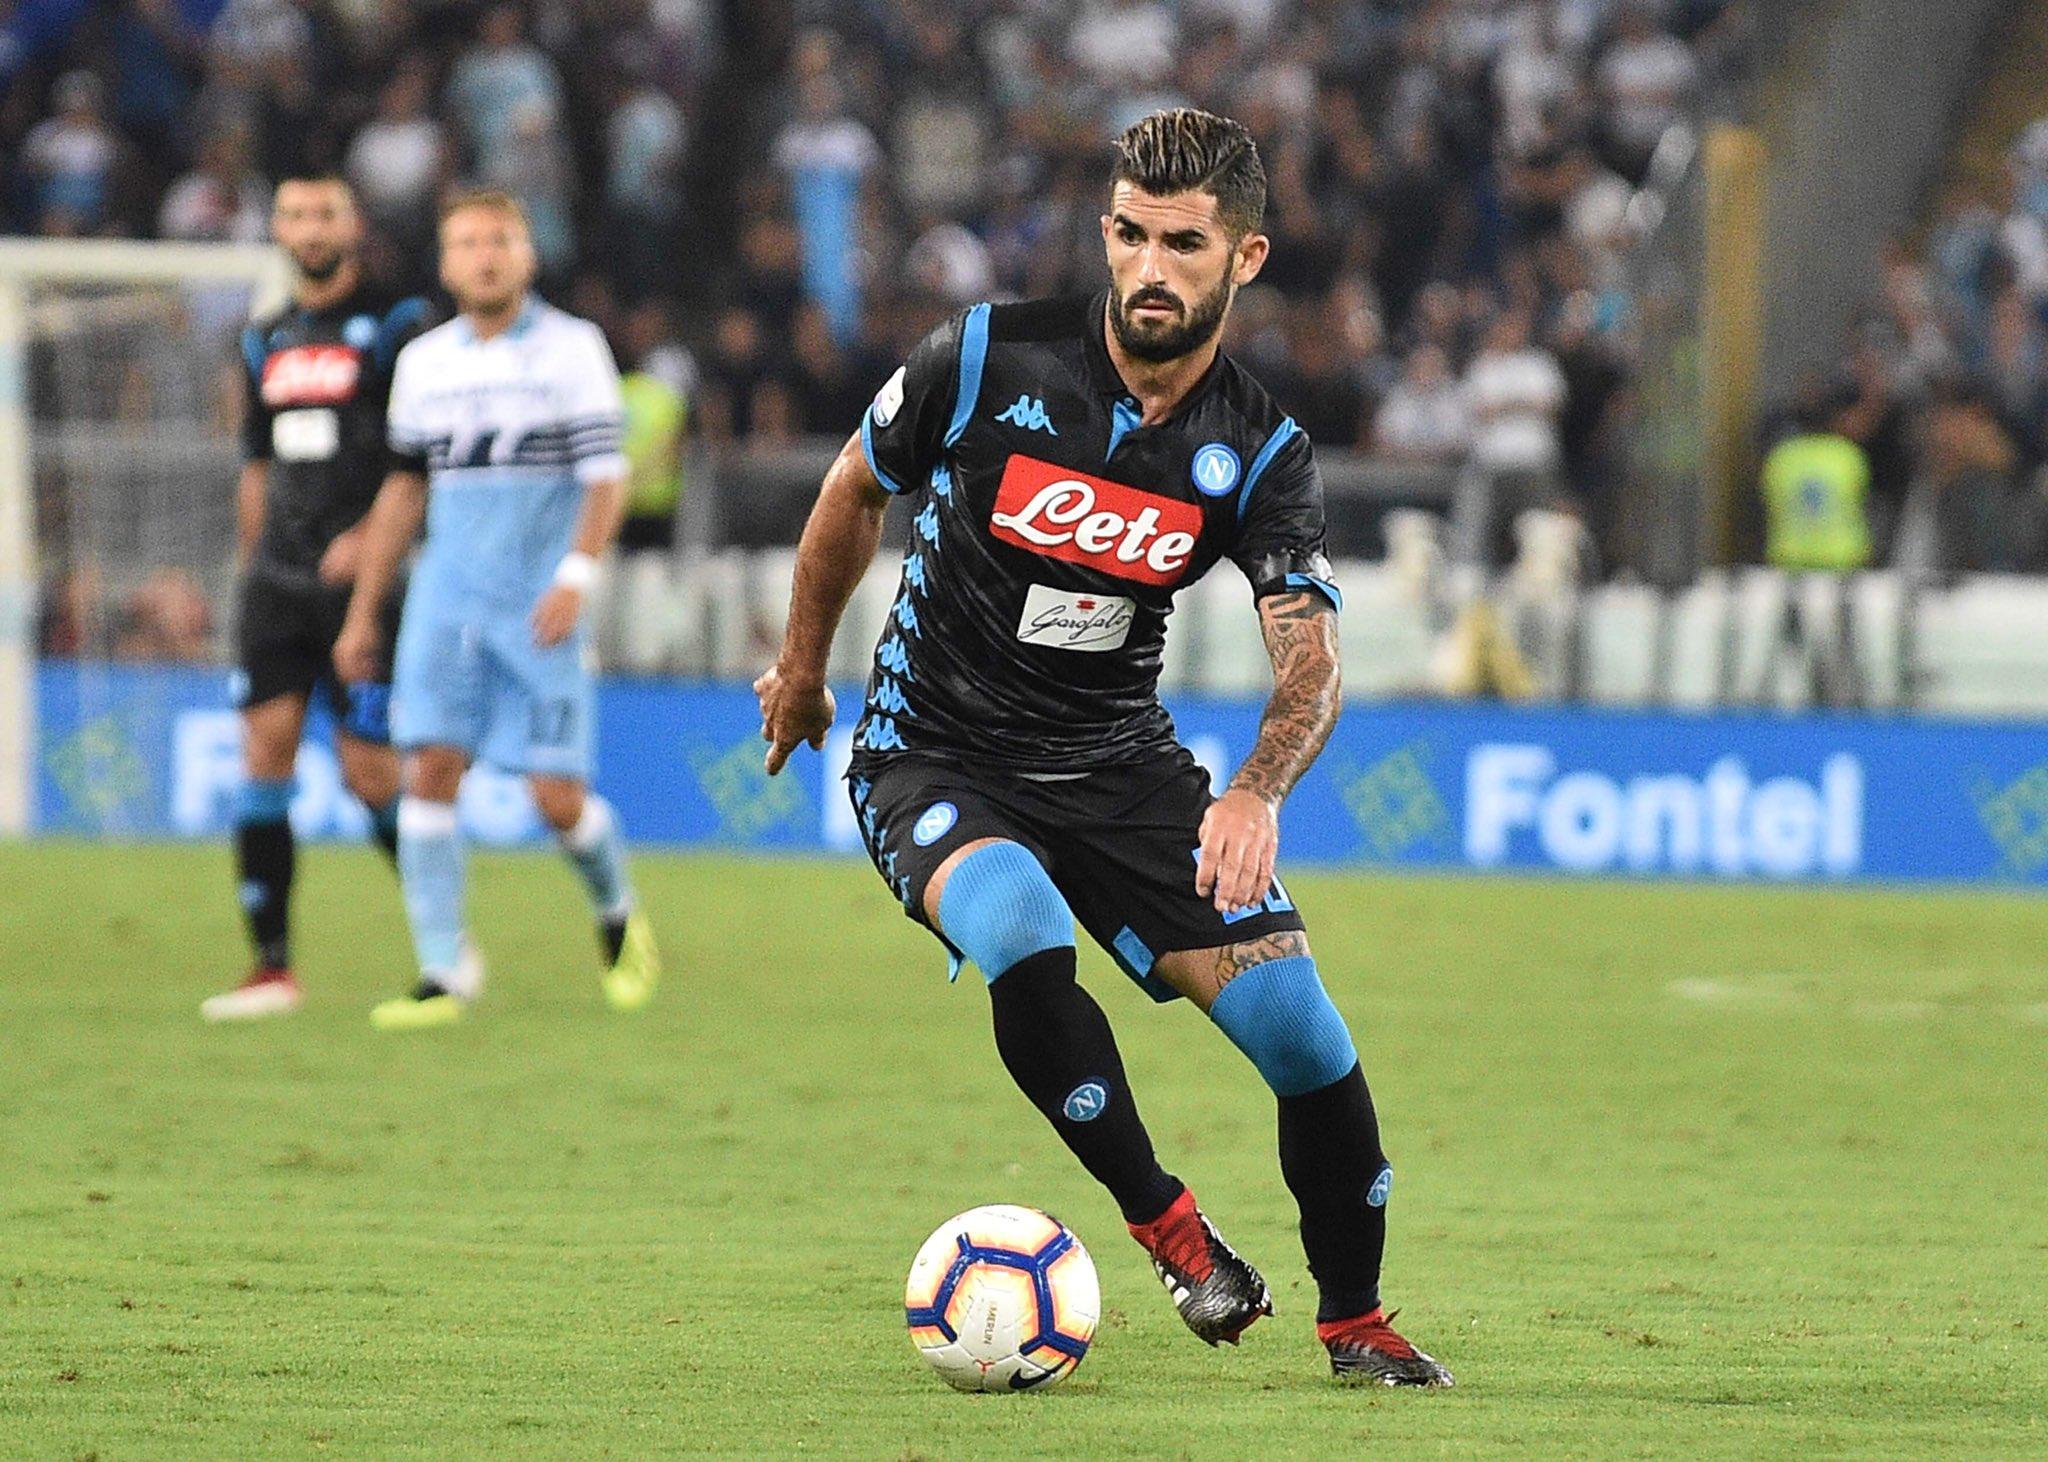 Ancelotti chiama, Hysaj risponde: è il Napoli dei terzini